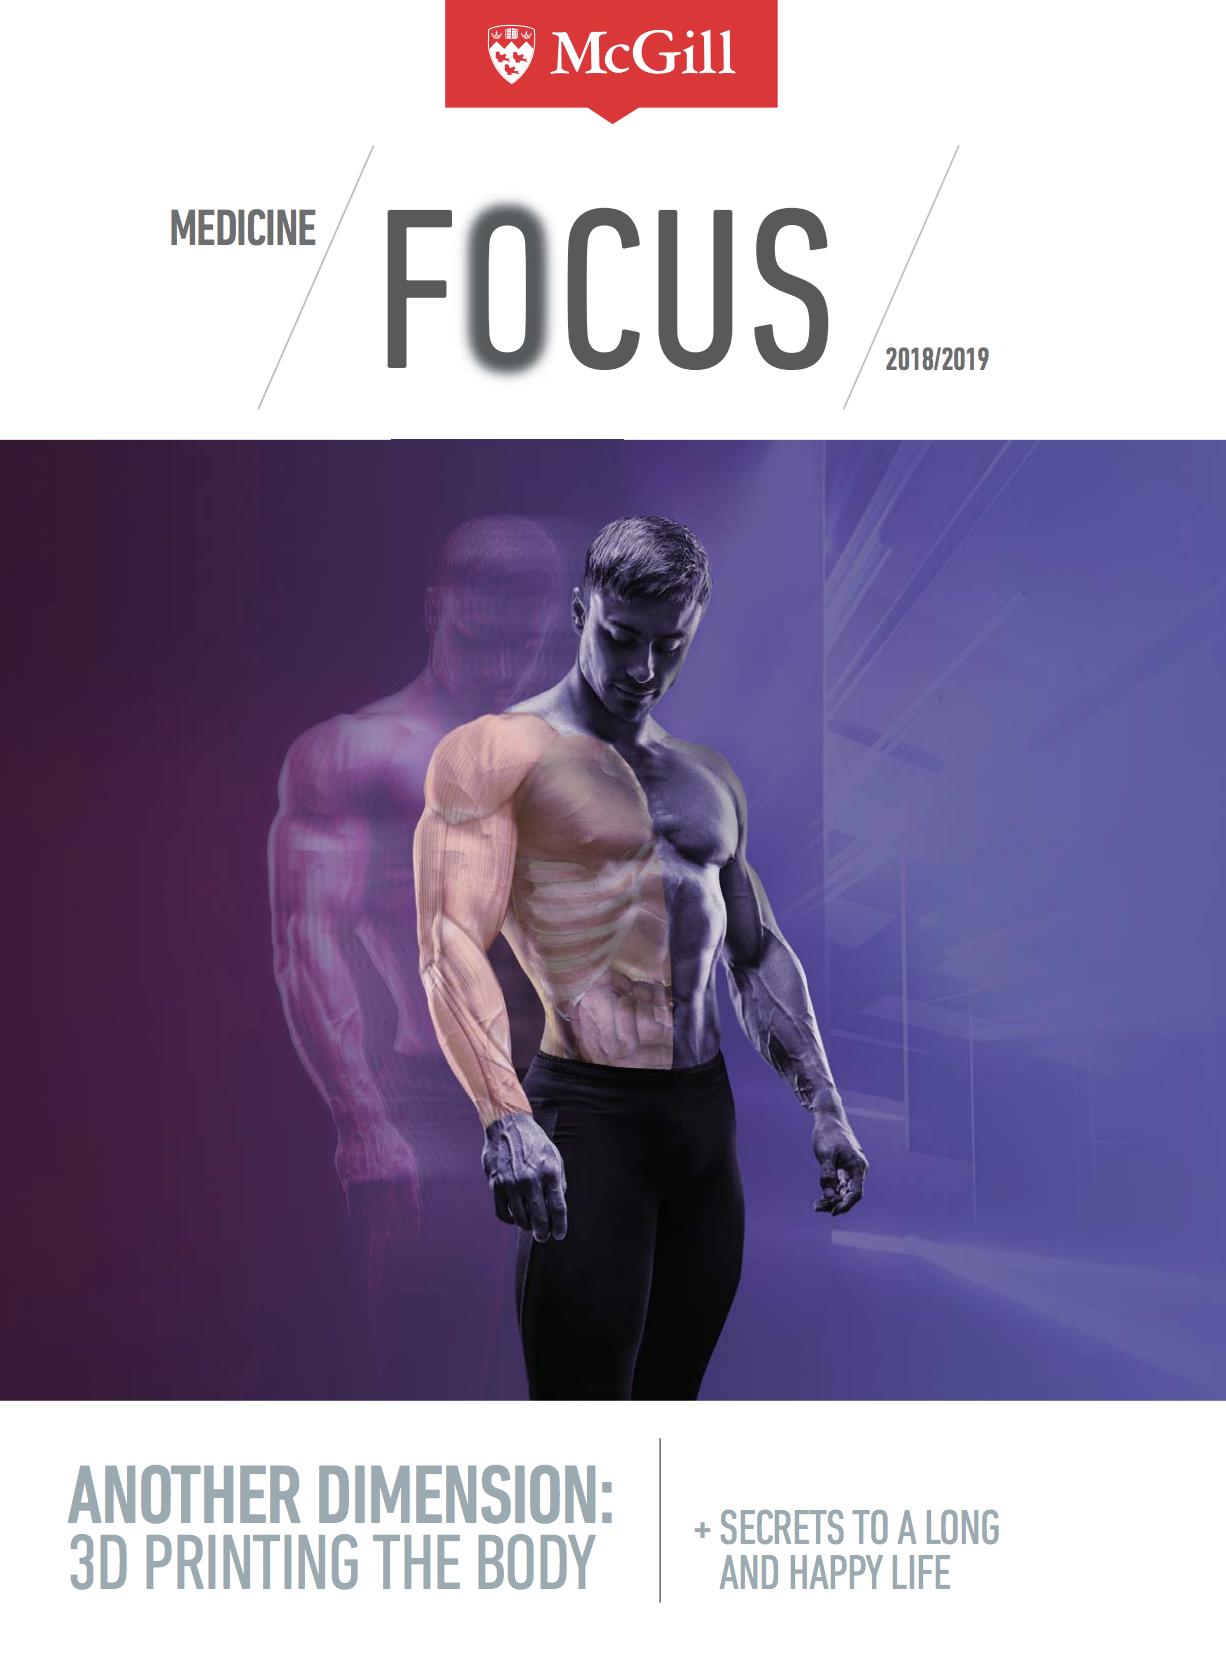 McGill Medecine Focus - 2018/2019